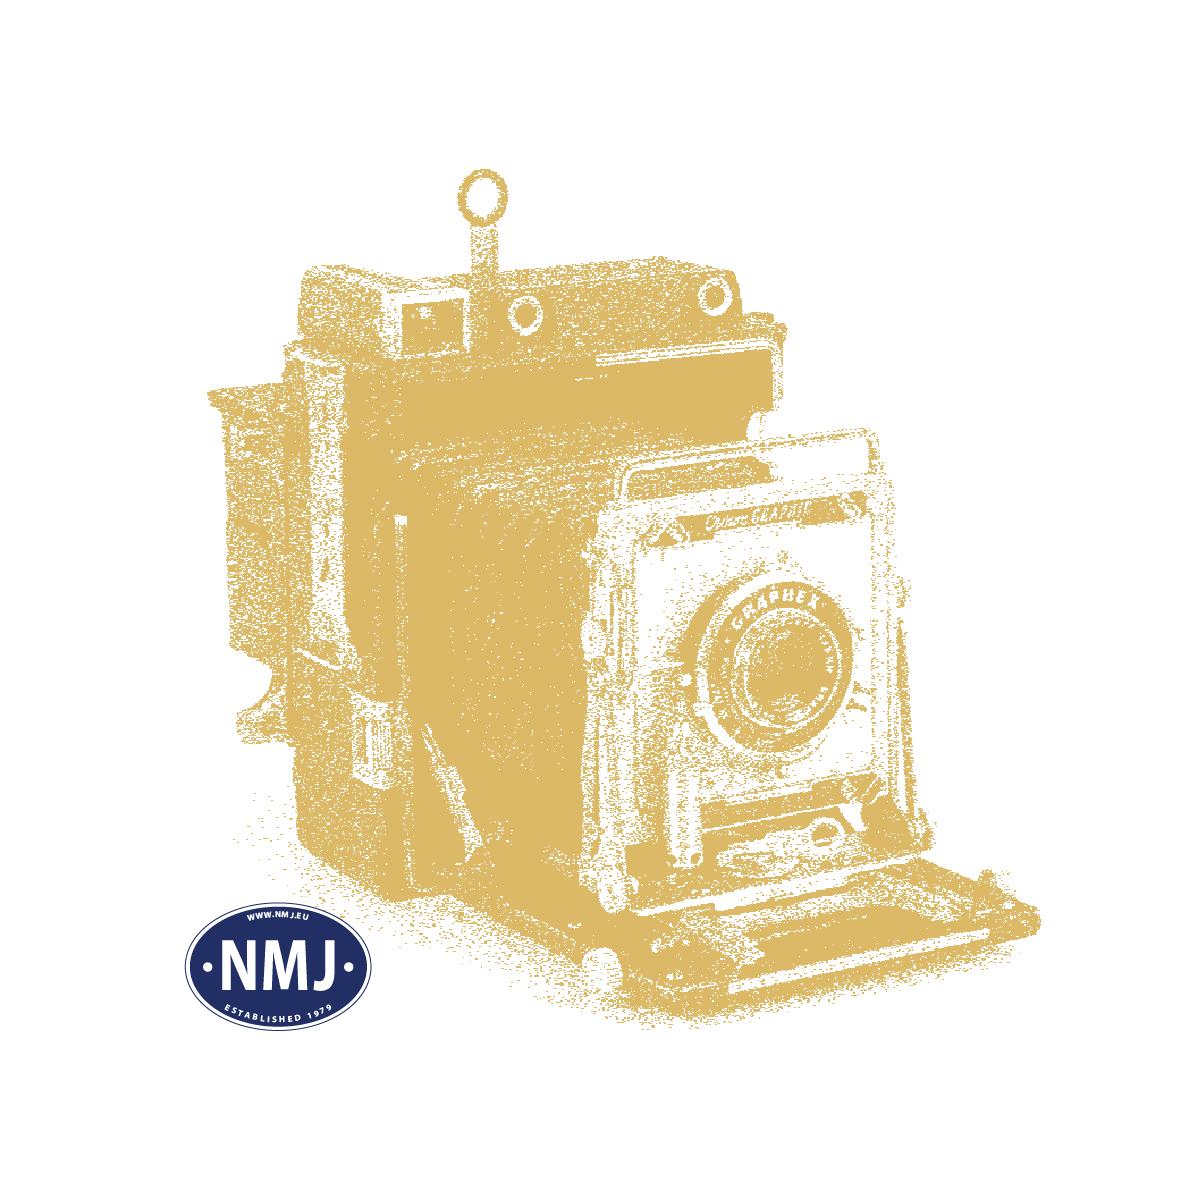 MIN717-21 - Gresstuster, Kort utgave, Vår, Stor Pakke